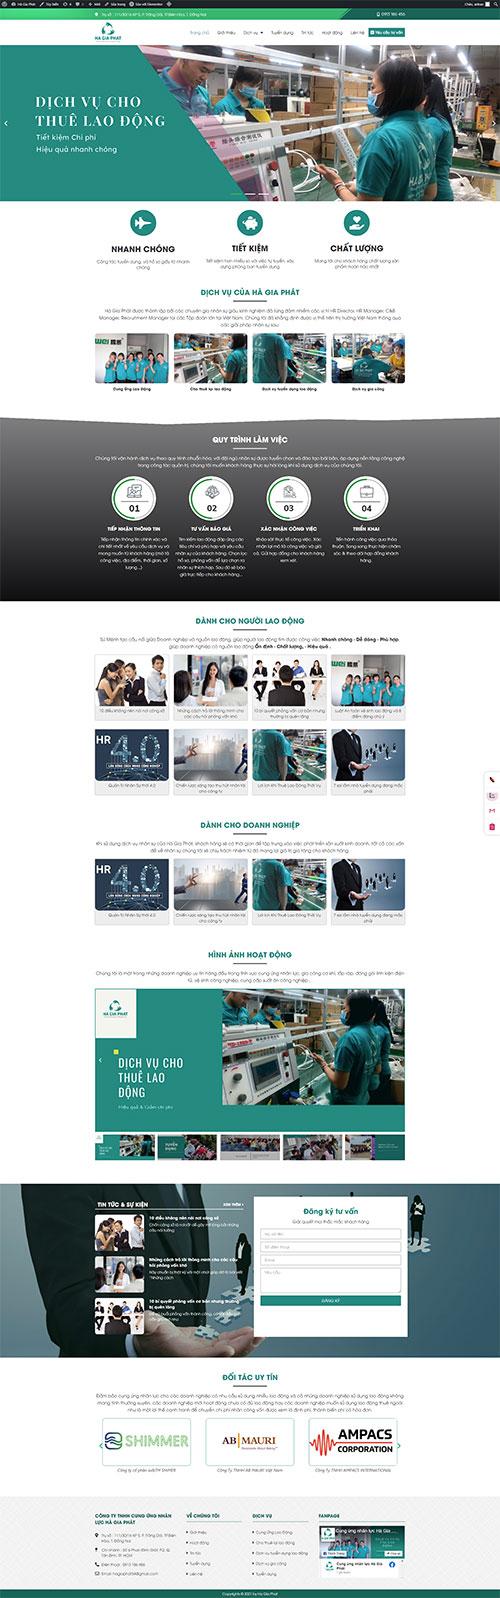 Mẫu-website-cung-ứng-lao-động-01